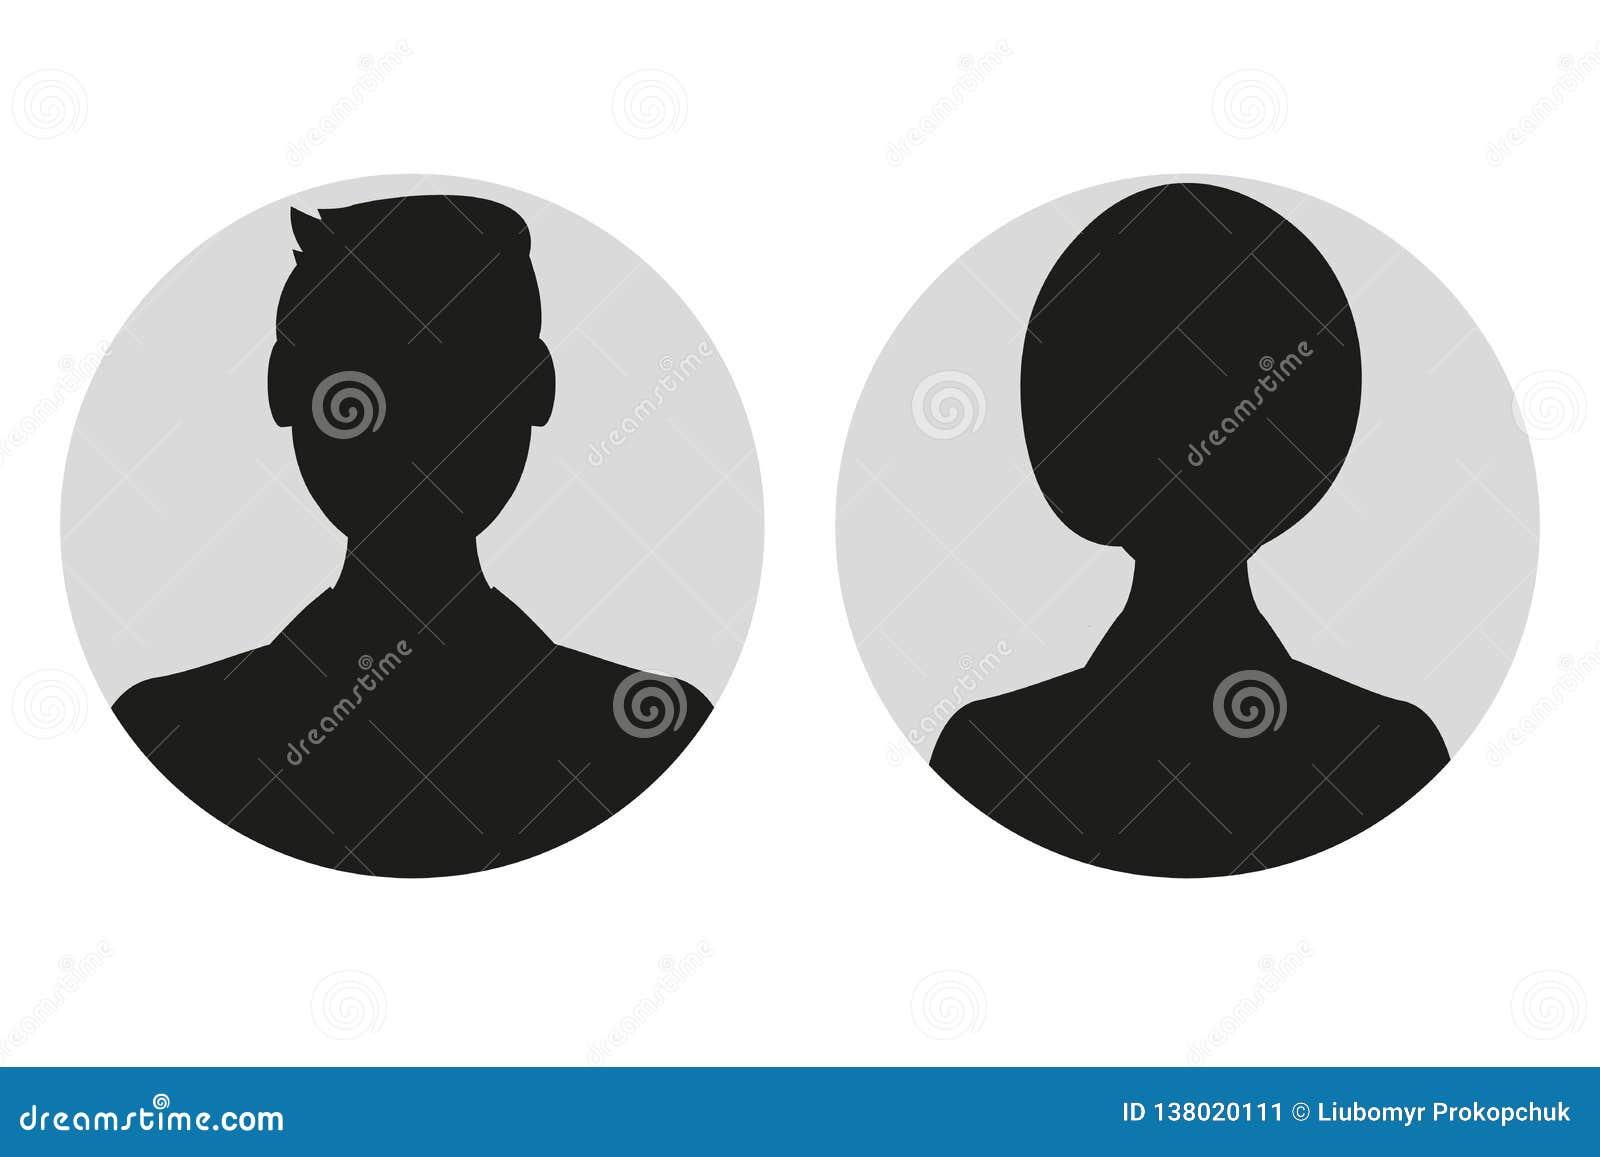 Varón y silueta o icono femenina de la cara Perfil del avatar del hombre y de la mujer Persona desconocida o anónima Ilustración